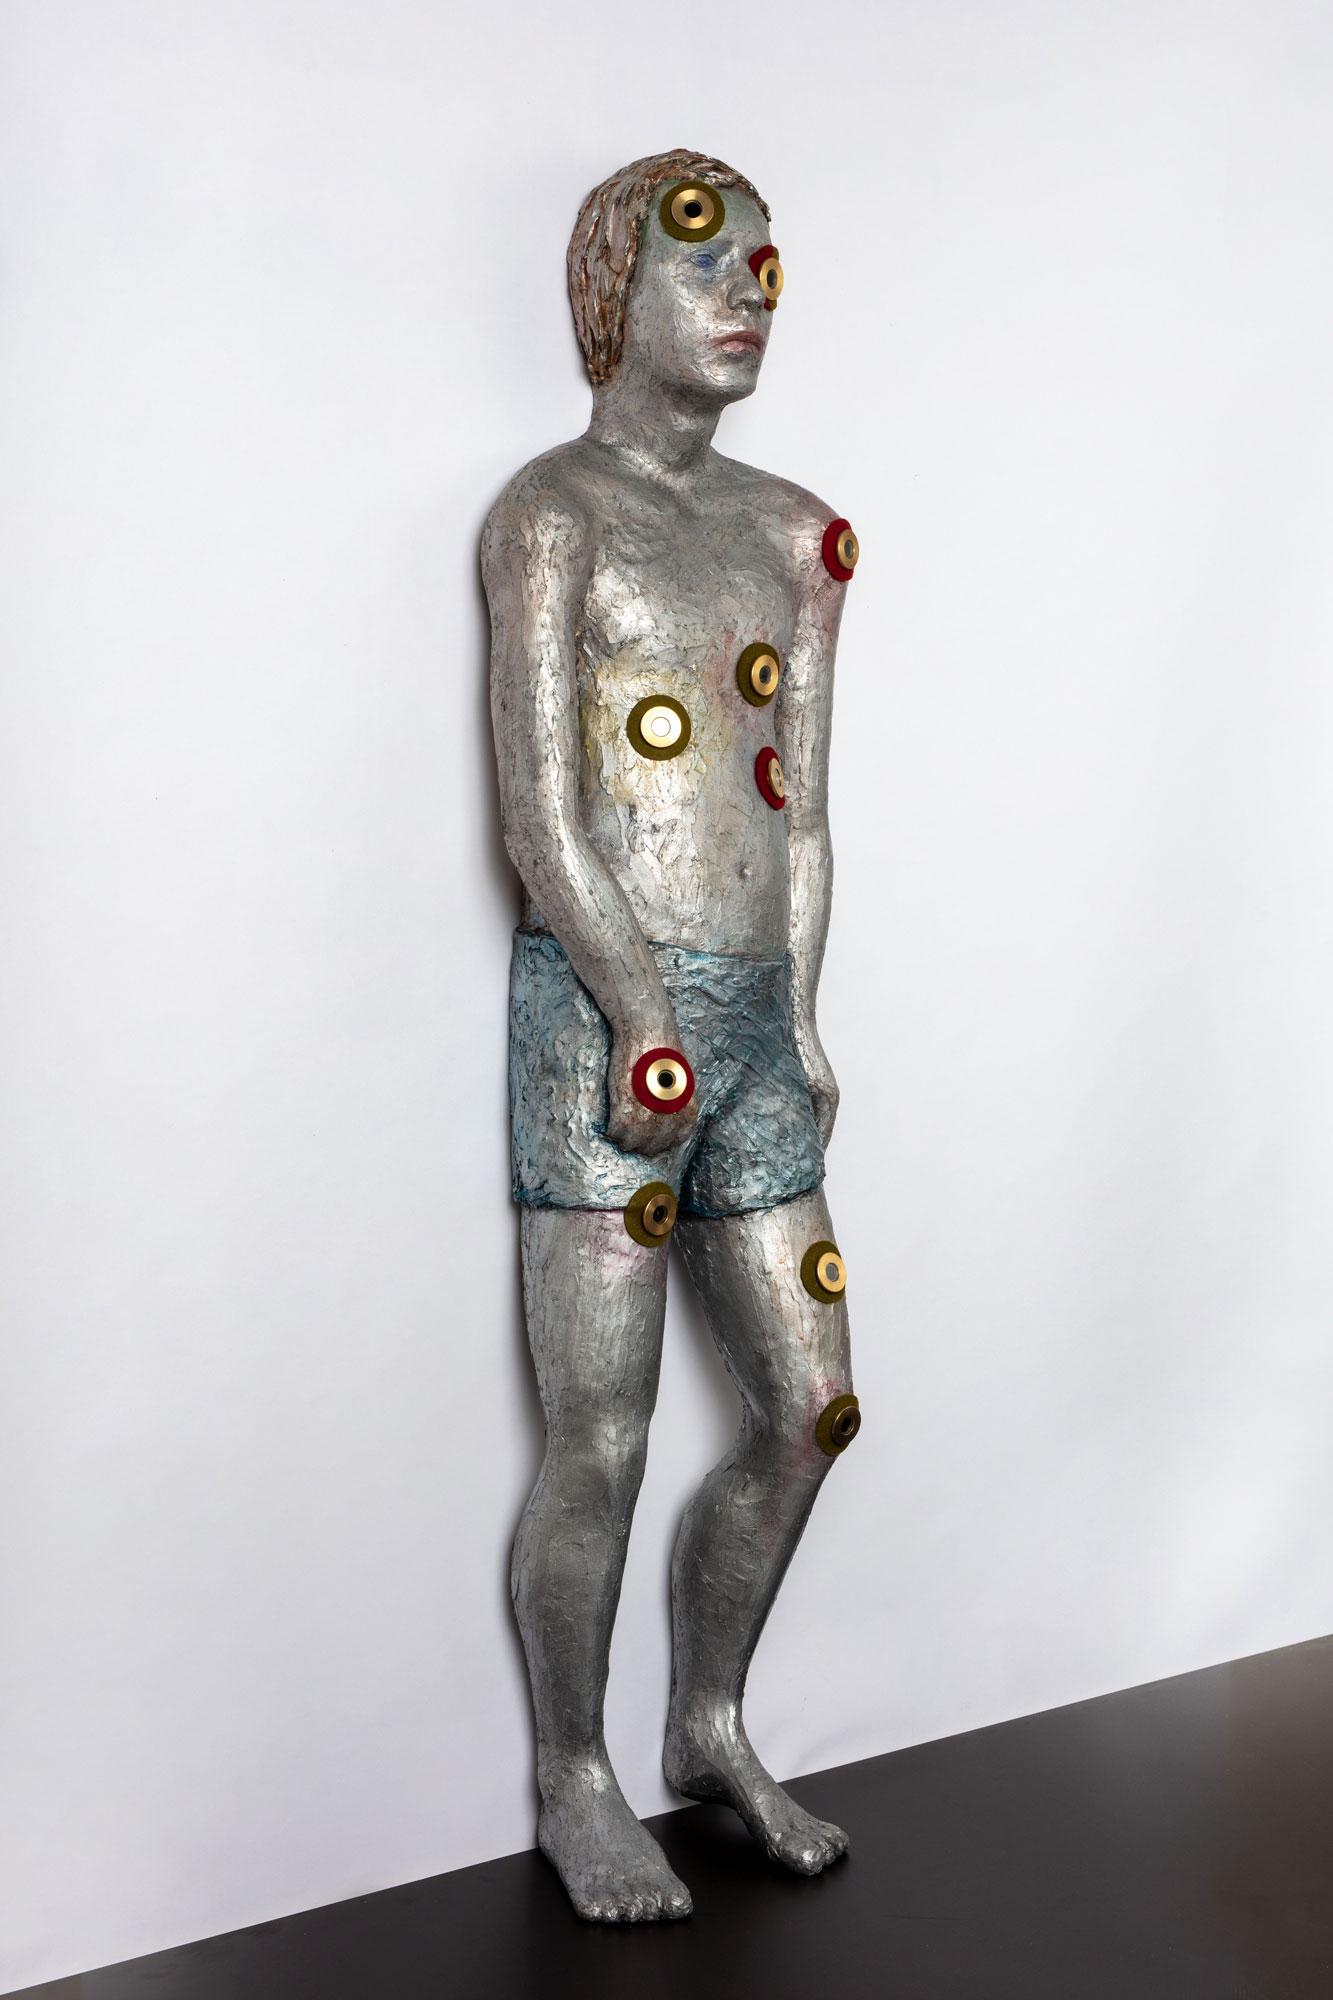 KNABE (BOY) © 2018, epoxy resin, aluminium, acrylic paint, felt, brass eyepieces, slides, LED's, 150 x 40 x 25 cm, Photo by Thomas Bruns © 2018